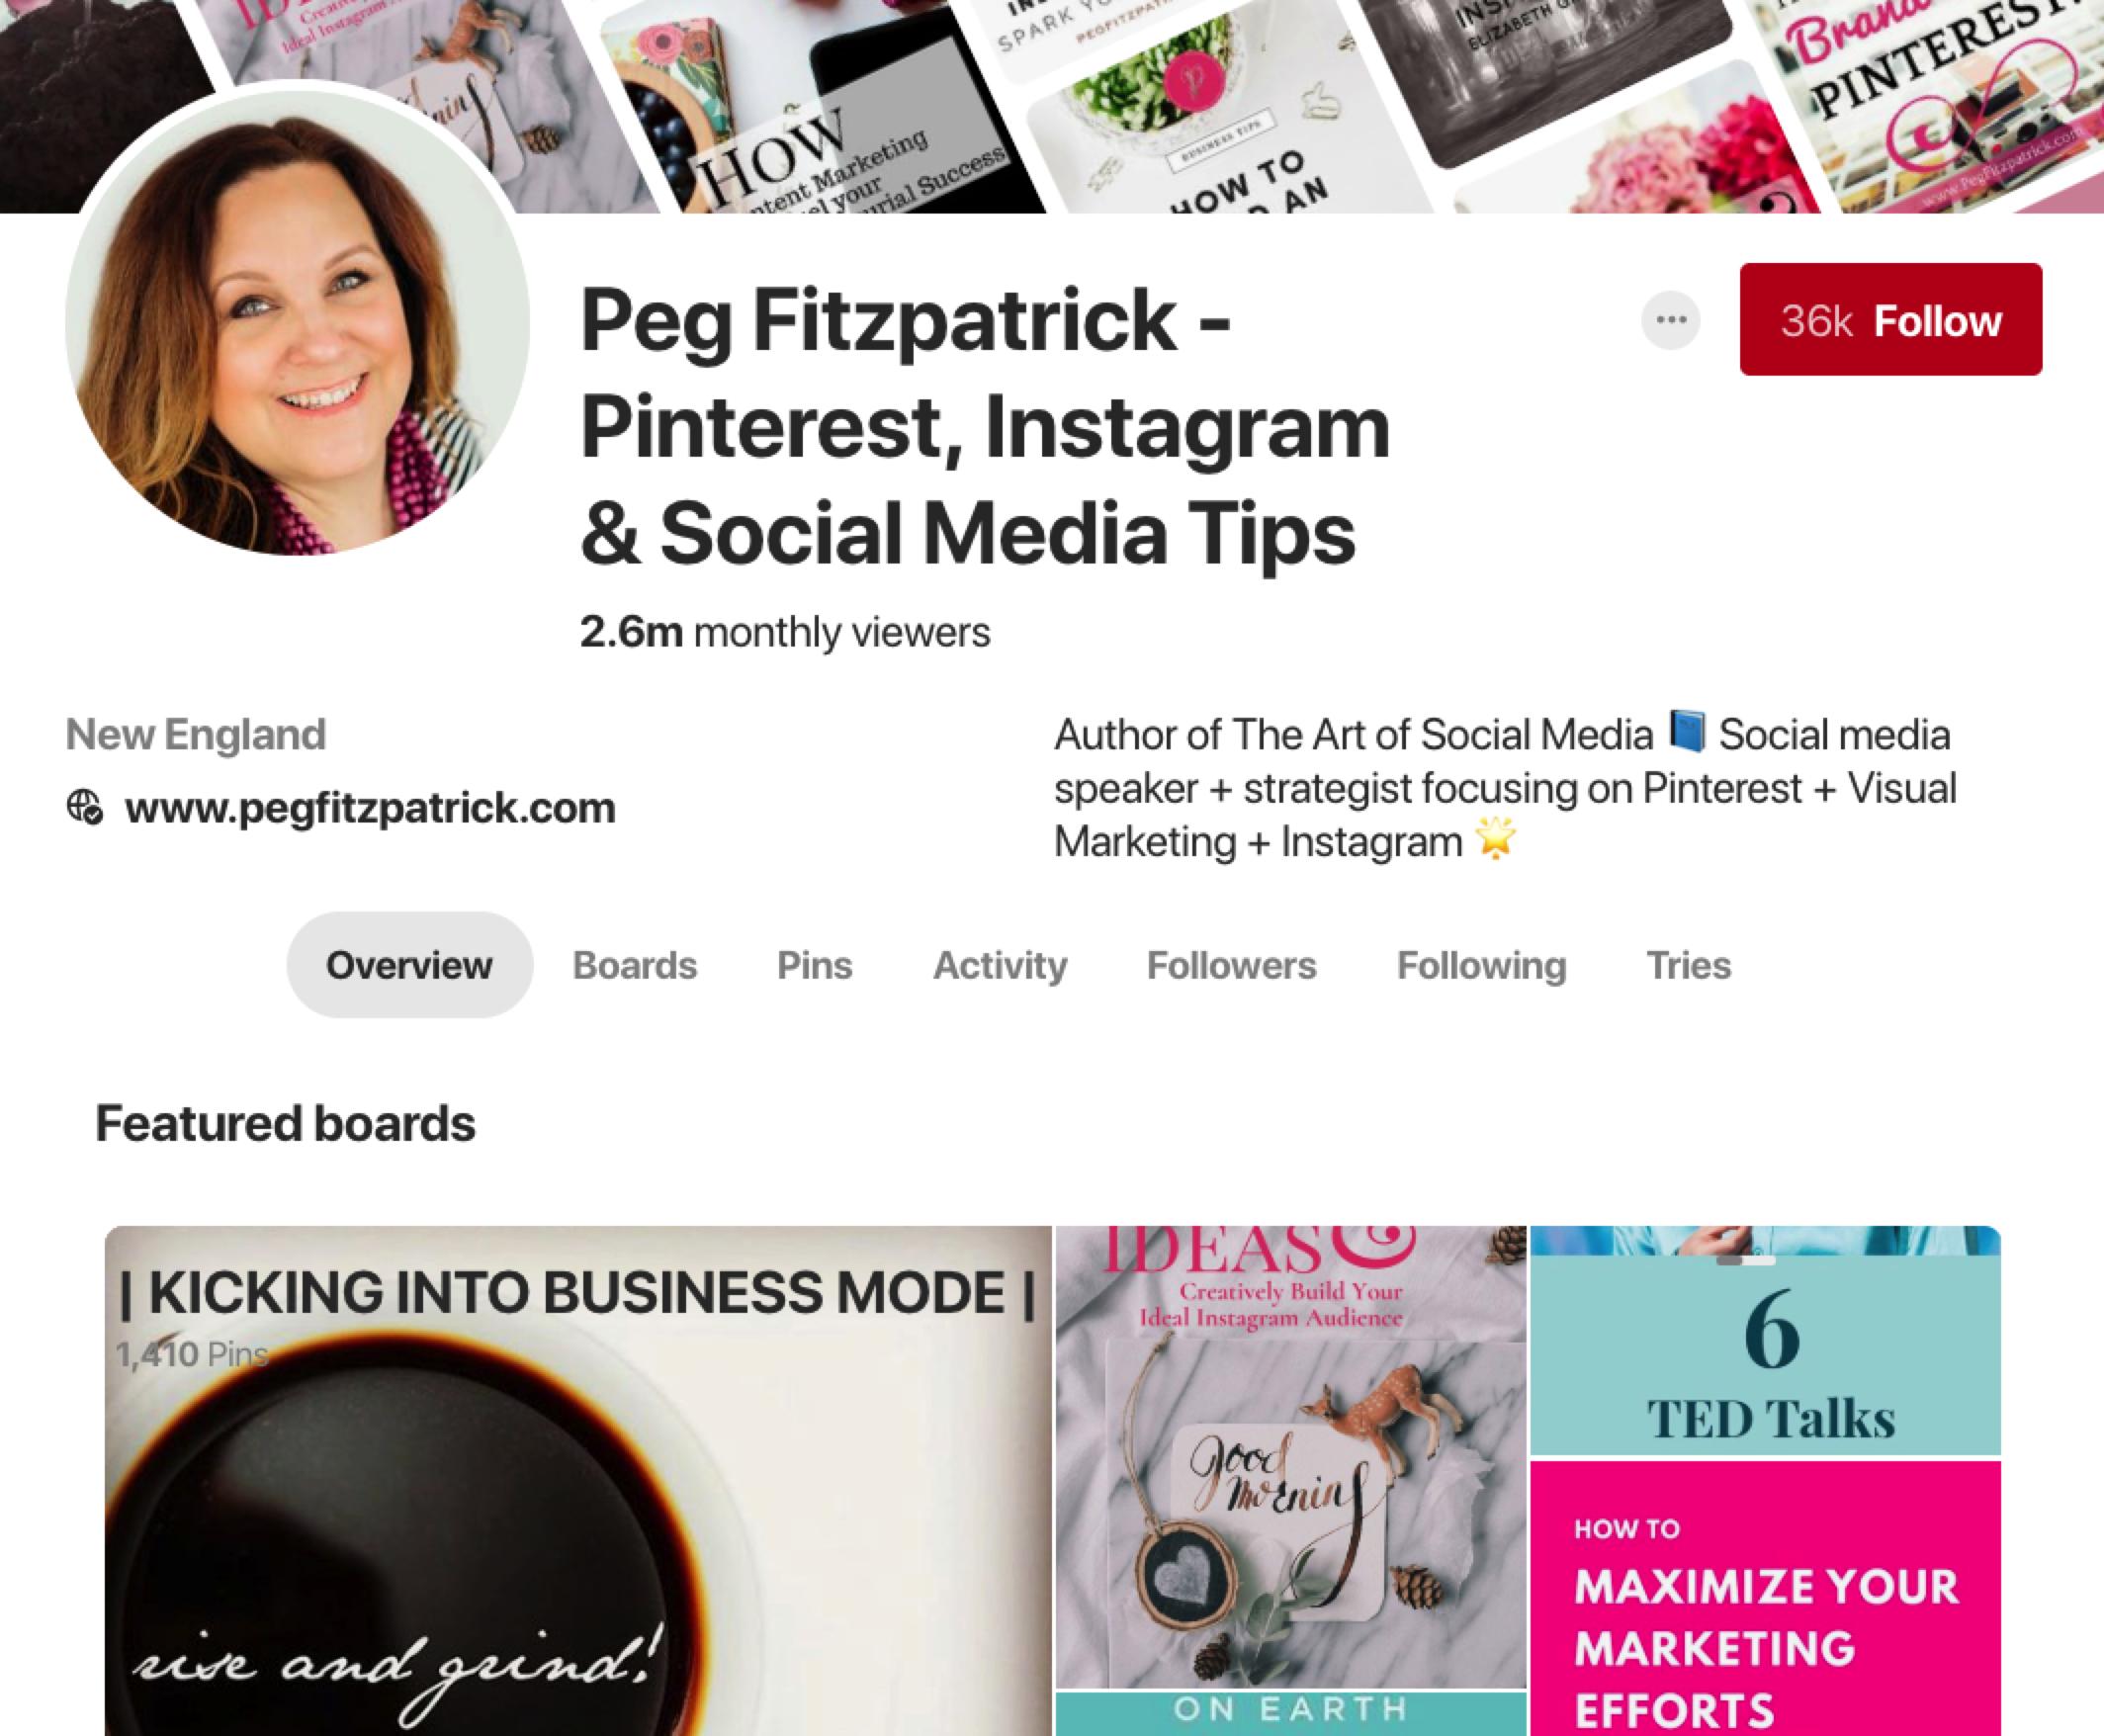 pinterest-hacks-marketing-tips-entrepreneurs